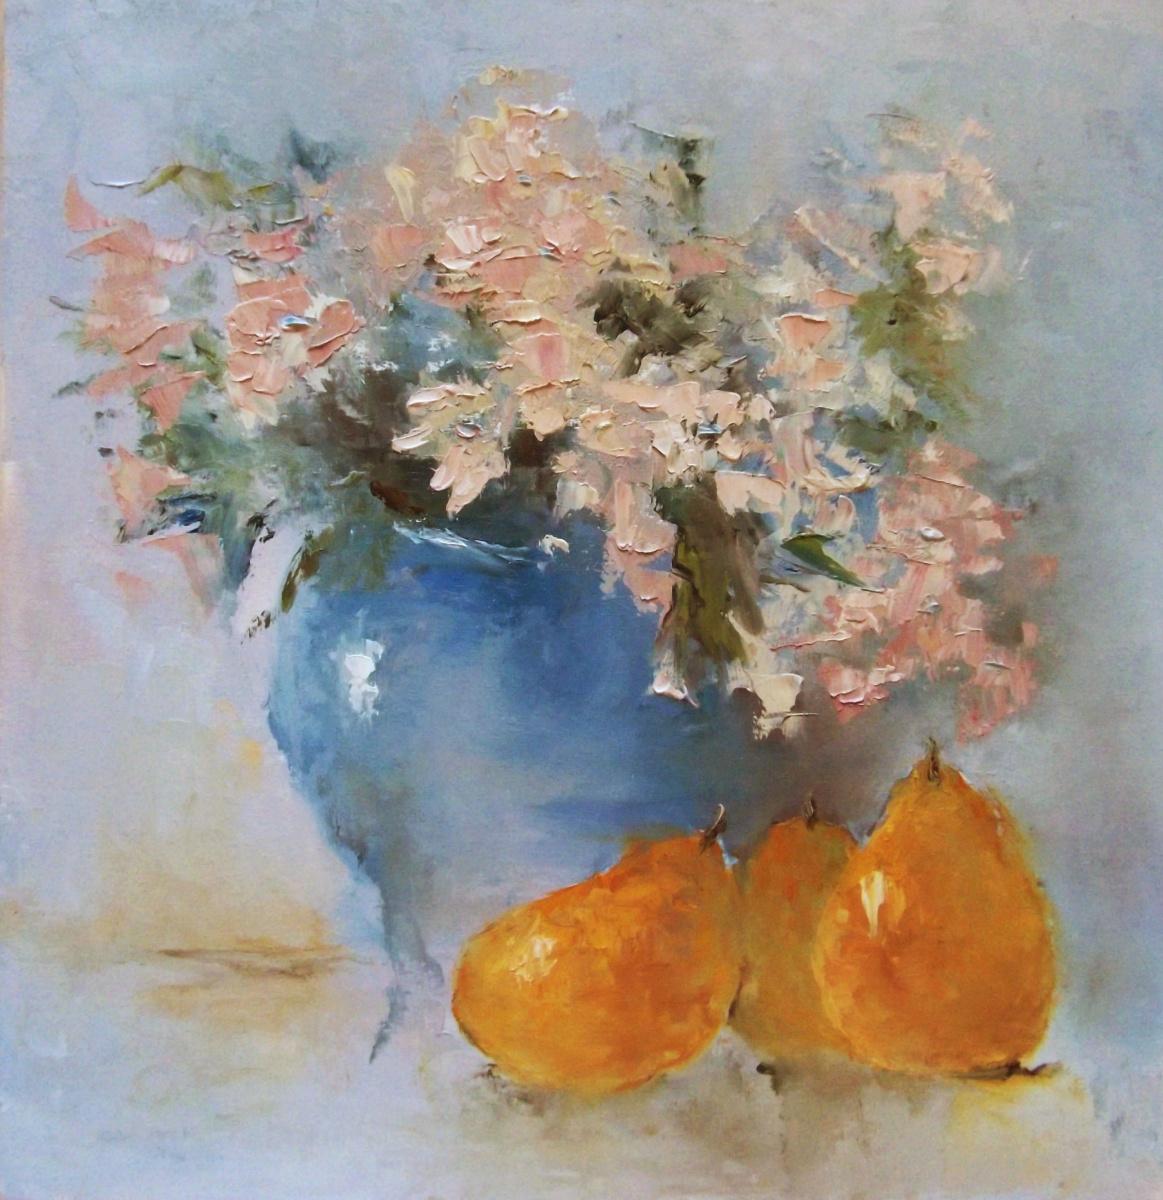 Elena Yudina. Morning still life with pears